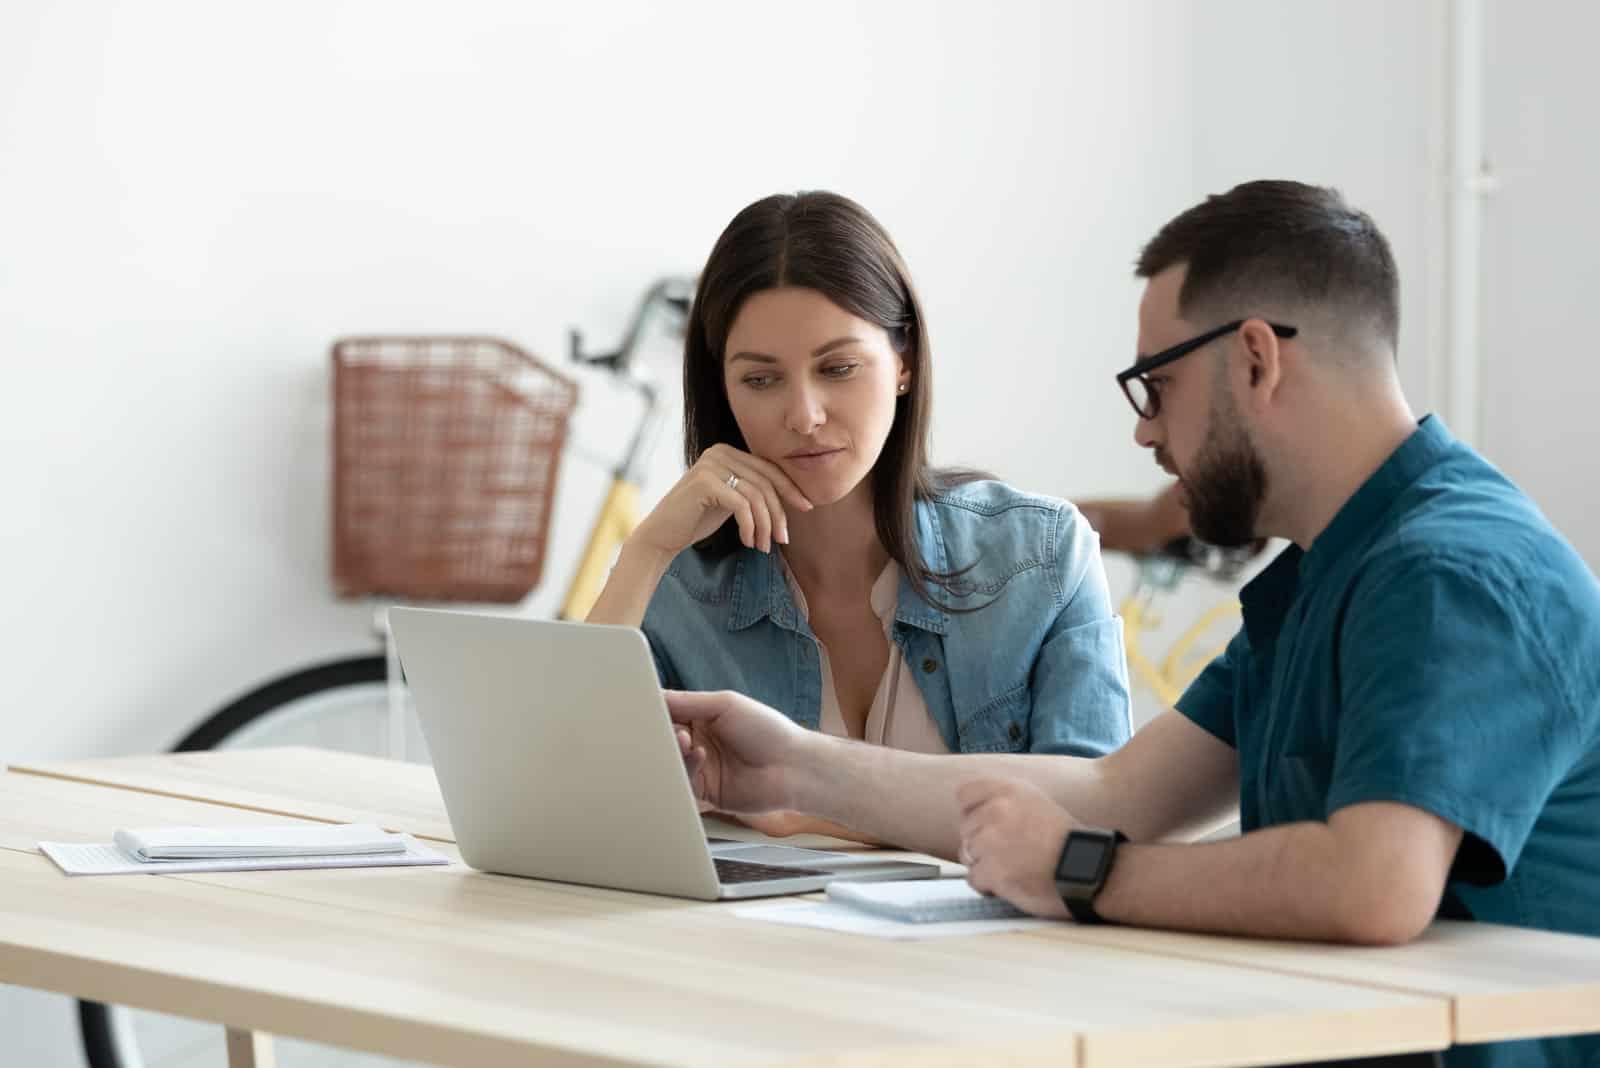 Ein Mann erklärt einer Frau auf einem Laptop etwas